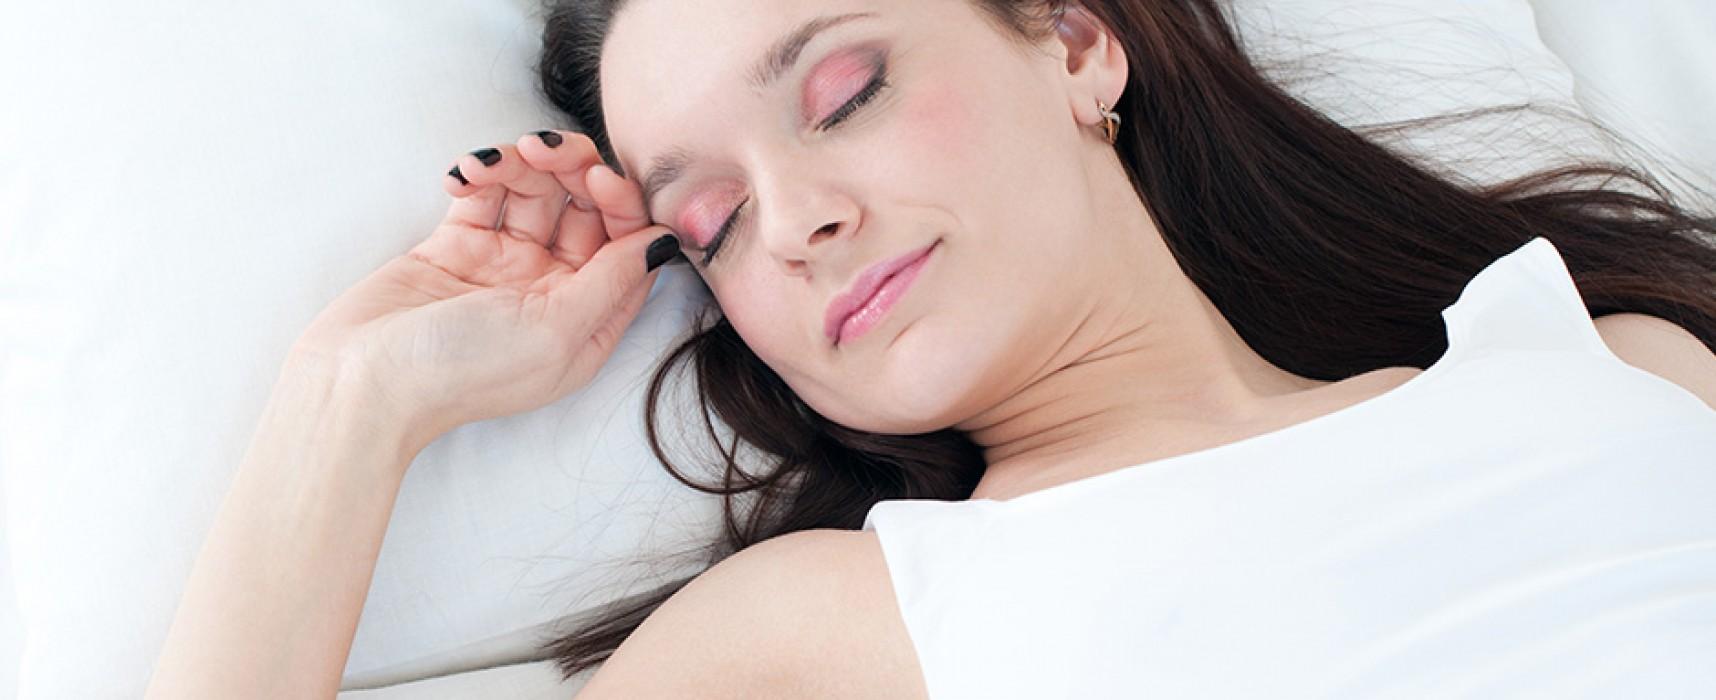 Dormir com maquiagem acelera envelhecimento da pele